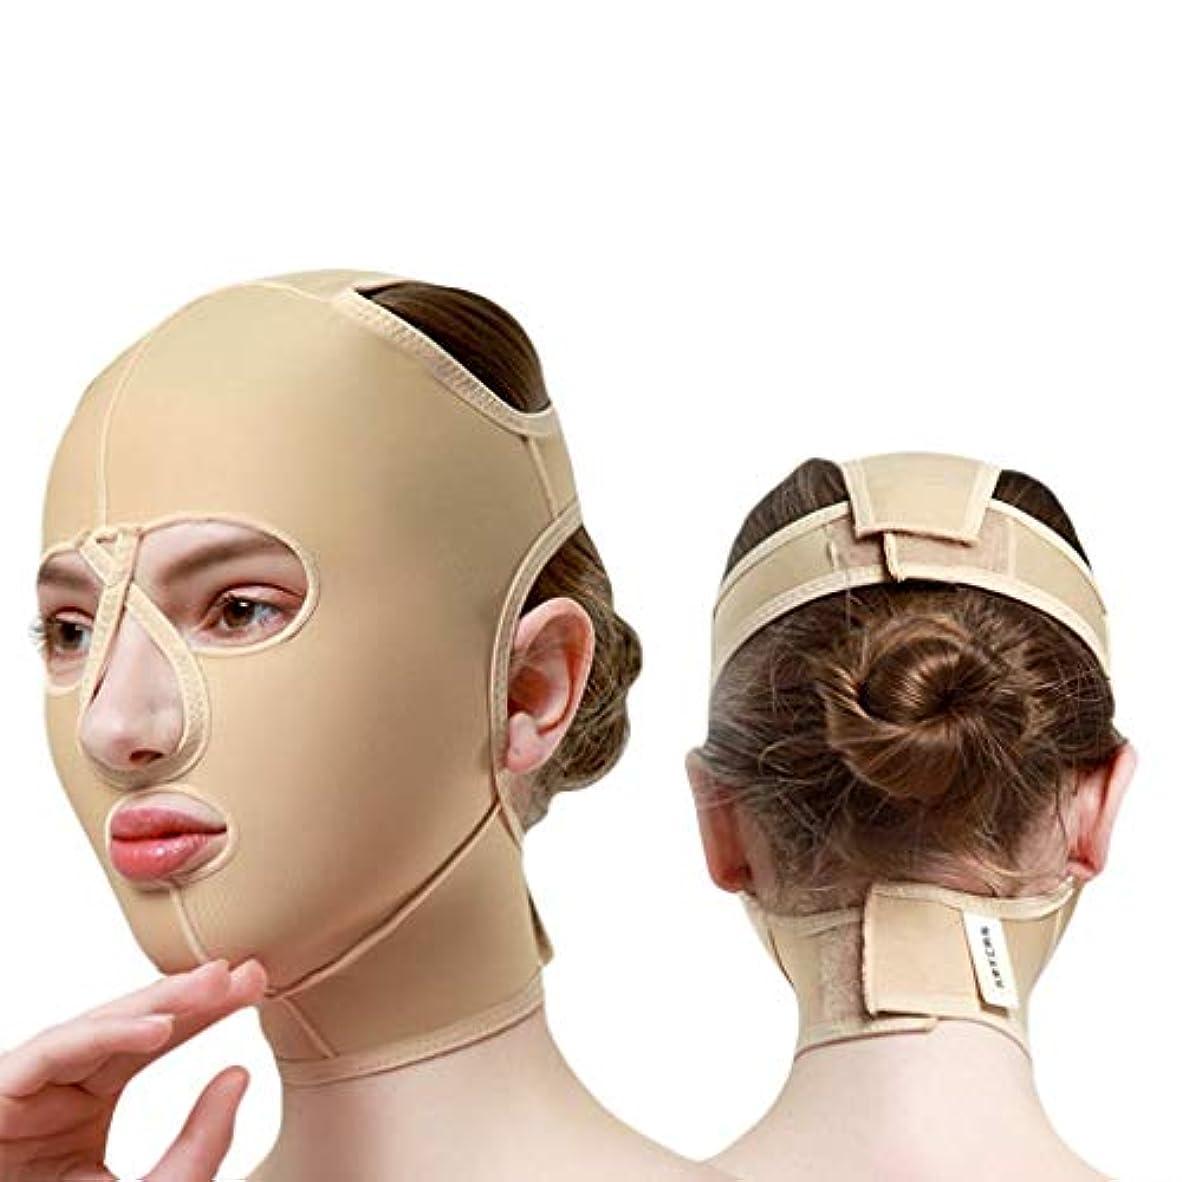 極地インテリア死ぬチンストラップ、顔彫りツール、リフティングマスク、ダブルチンリデューサー、フェイスリフティングエラスティックマスクメス(サイズ:M),L